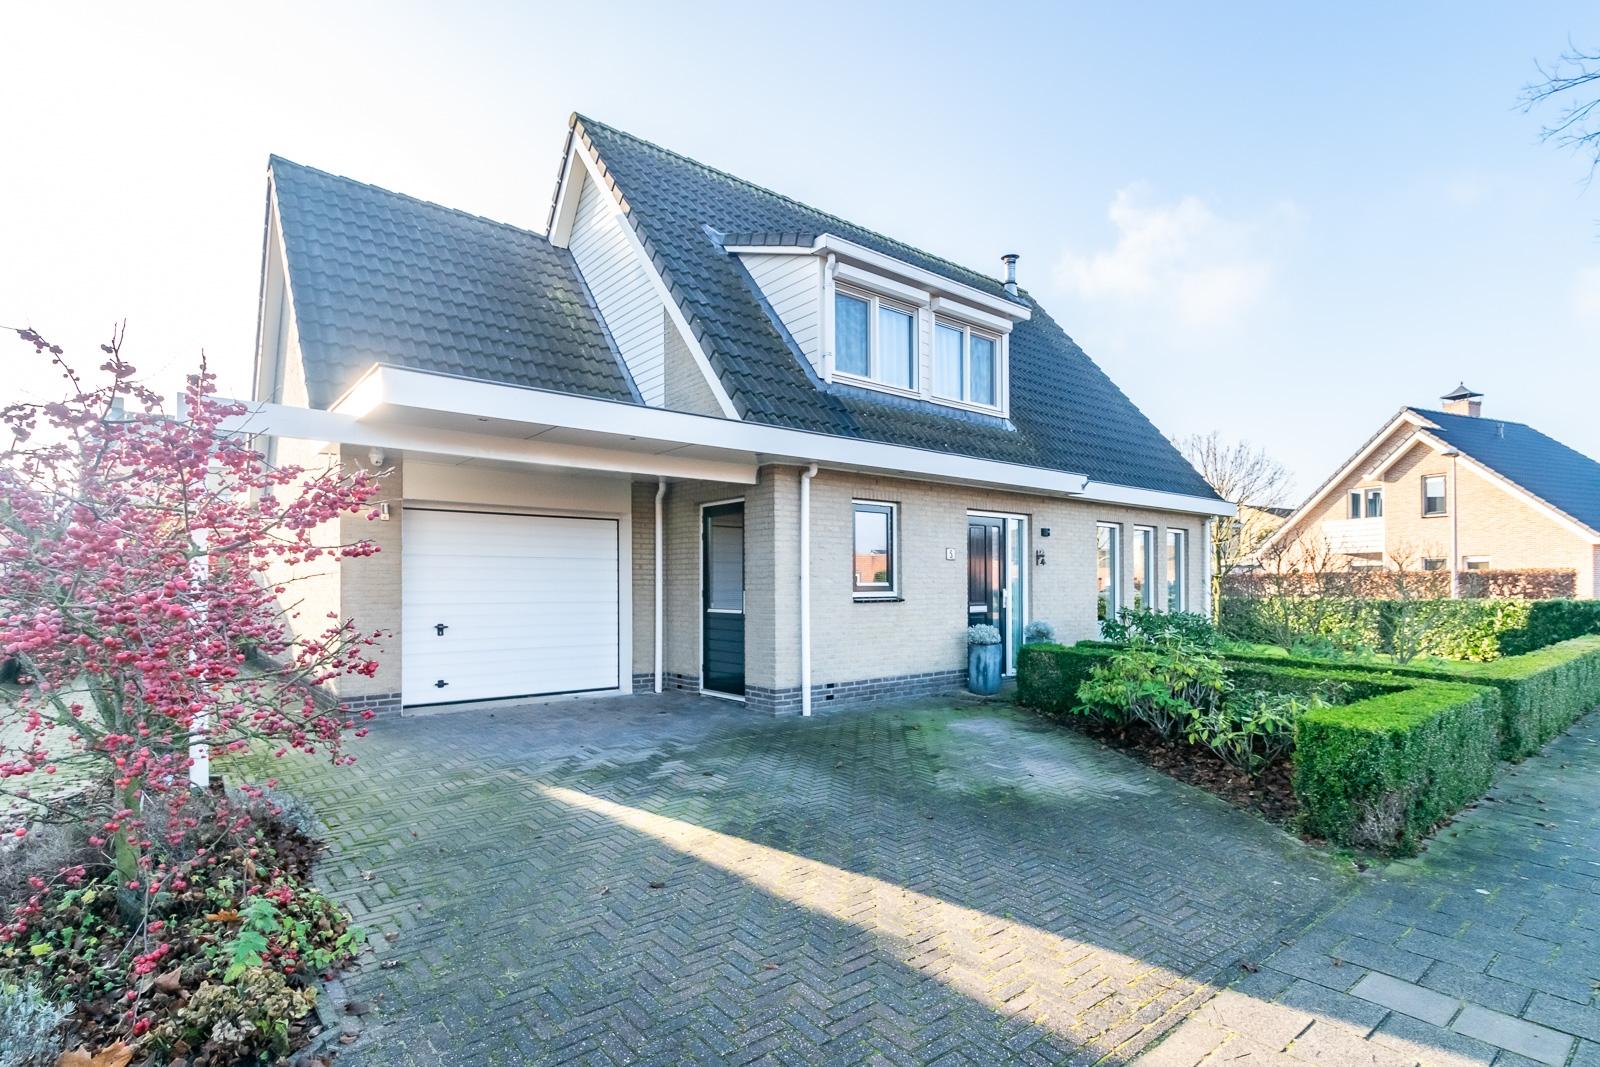 Te koop: Bittervoorn 5, 7908 VG Hoogeveen